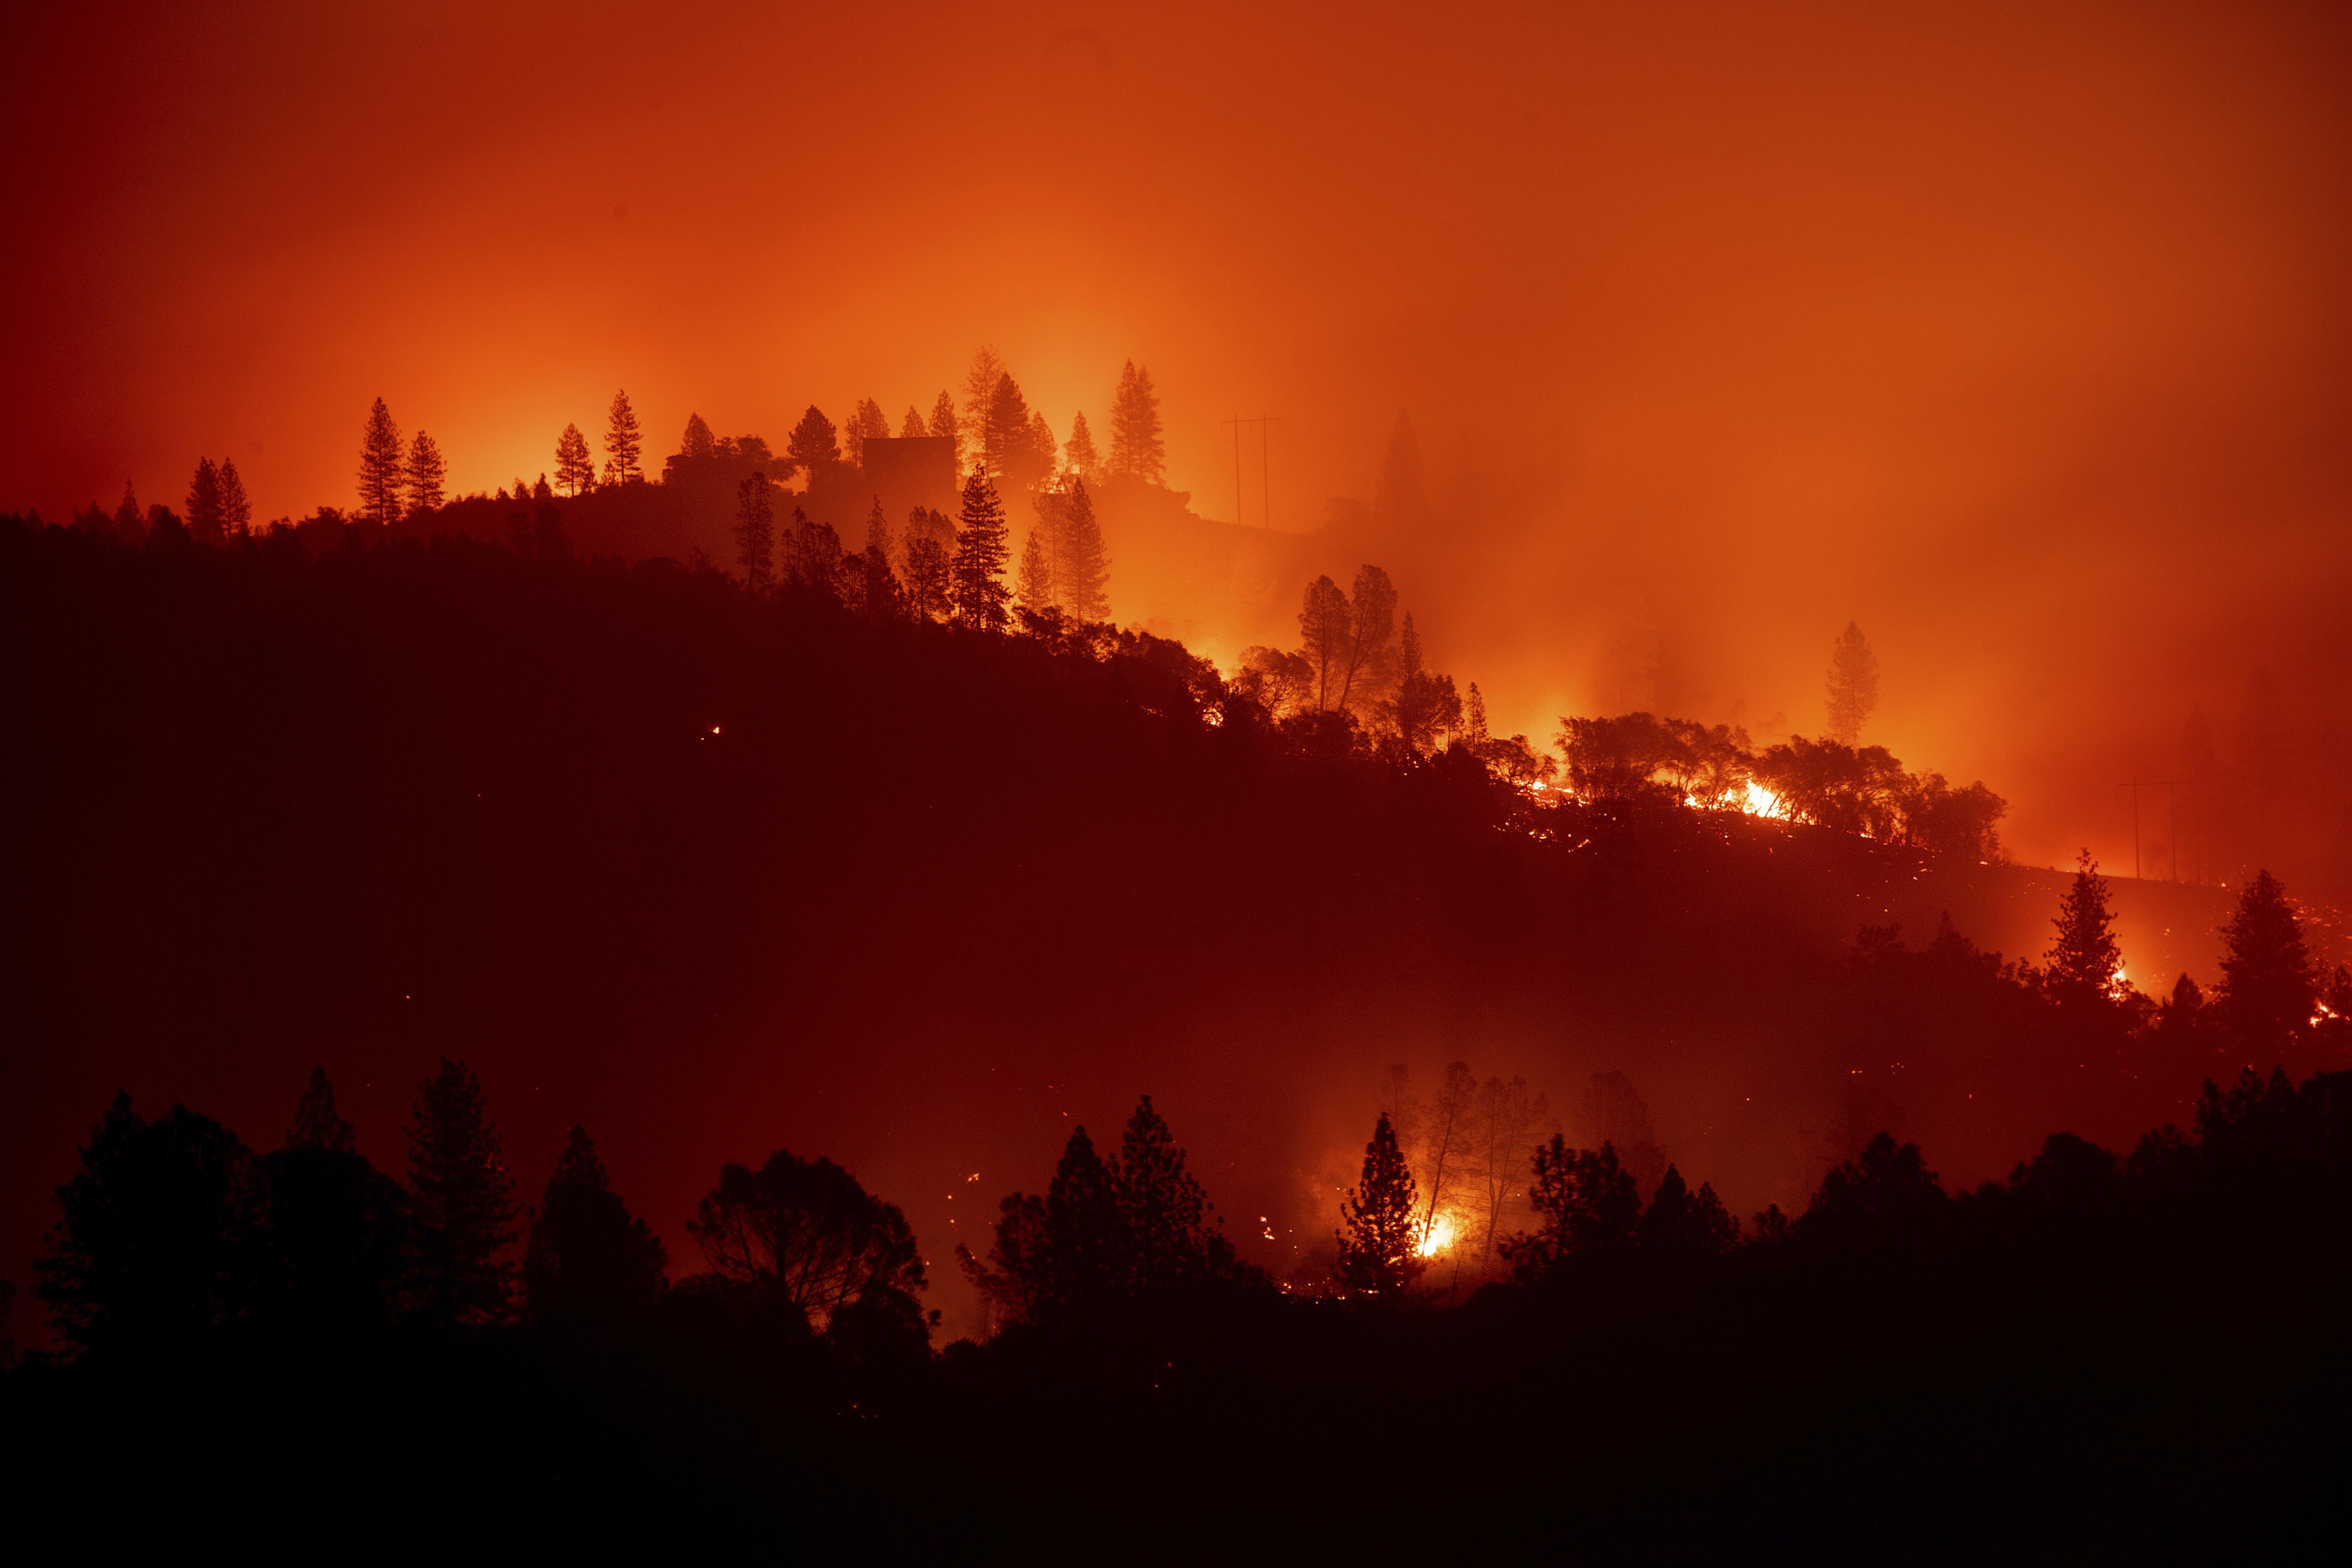 pyrini-kolasi-stin-kalifornia-25-nekroi-amp-8211-anypologistes-katastrofes-fotografies1